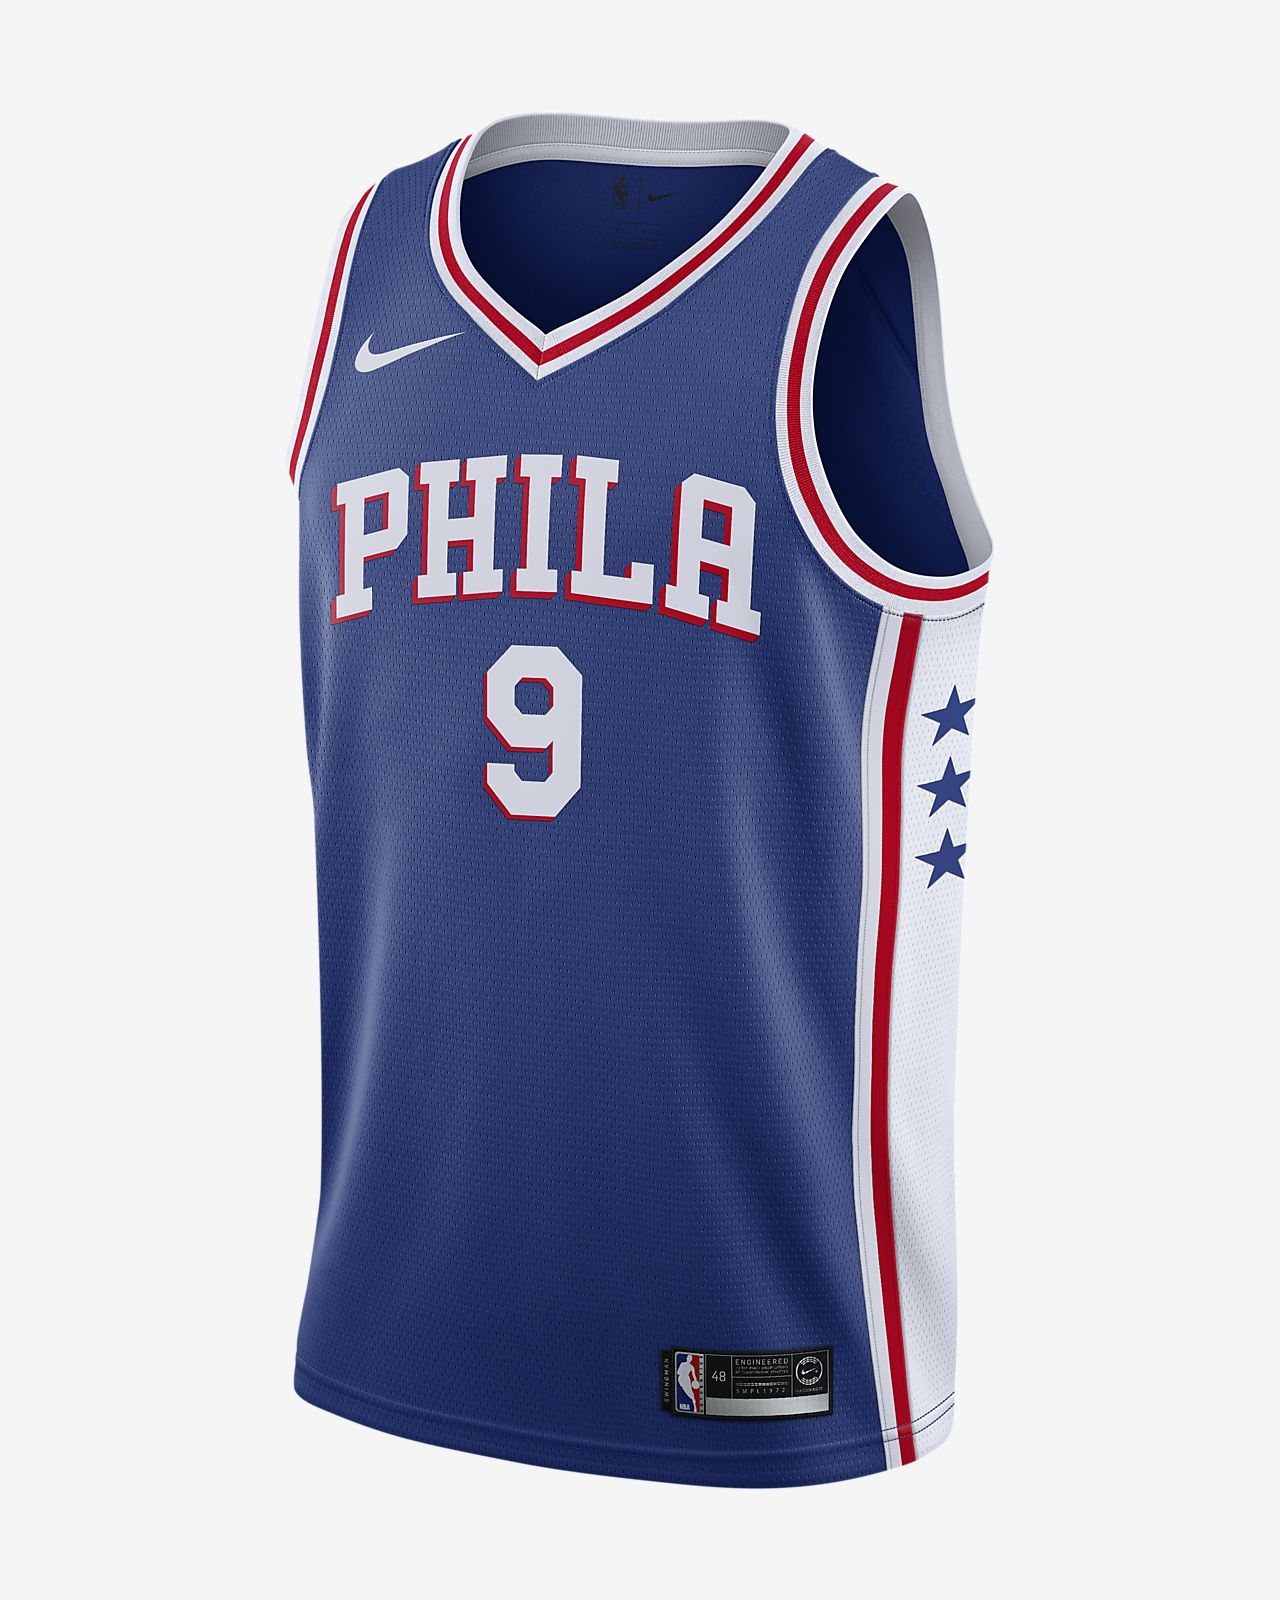 Camisola com ligação à NBA da Nike Dario Šaric Icon Edition Swingman (Philadelphia 76ers) para homem